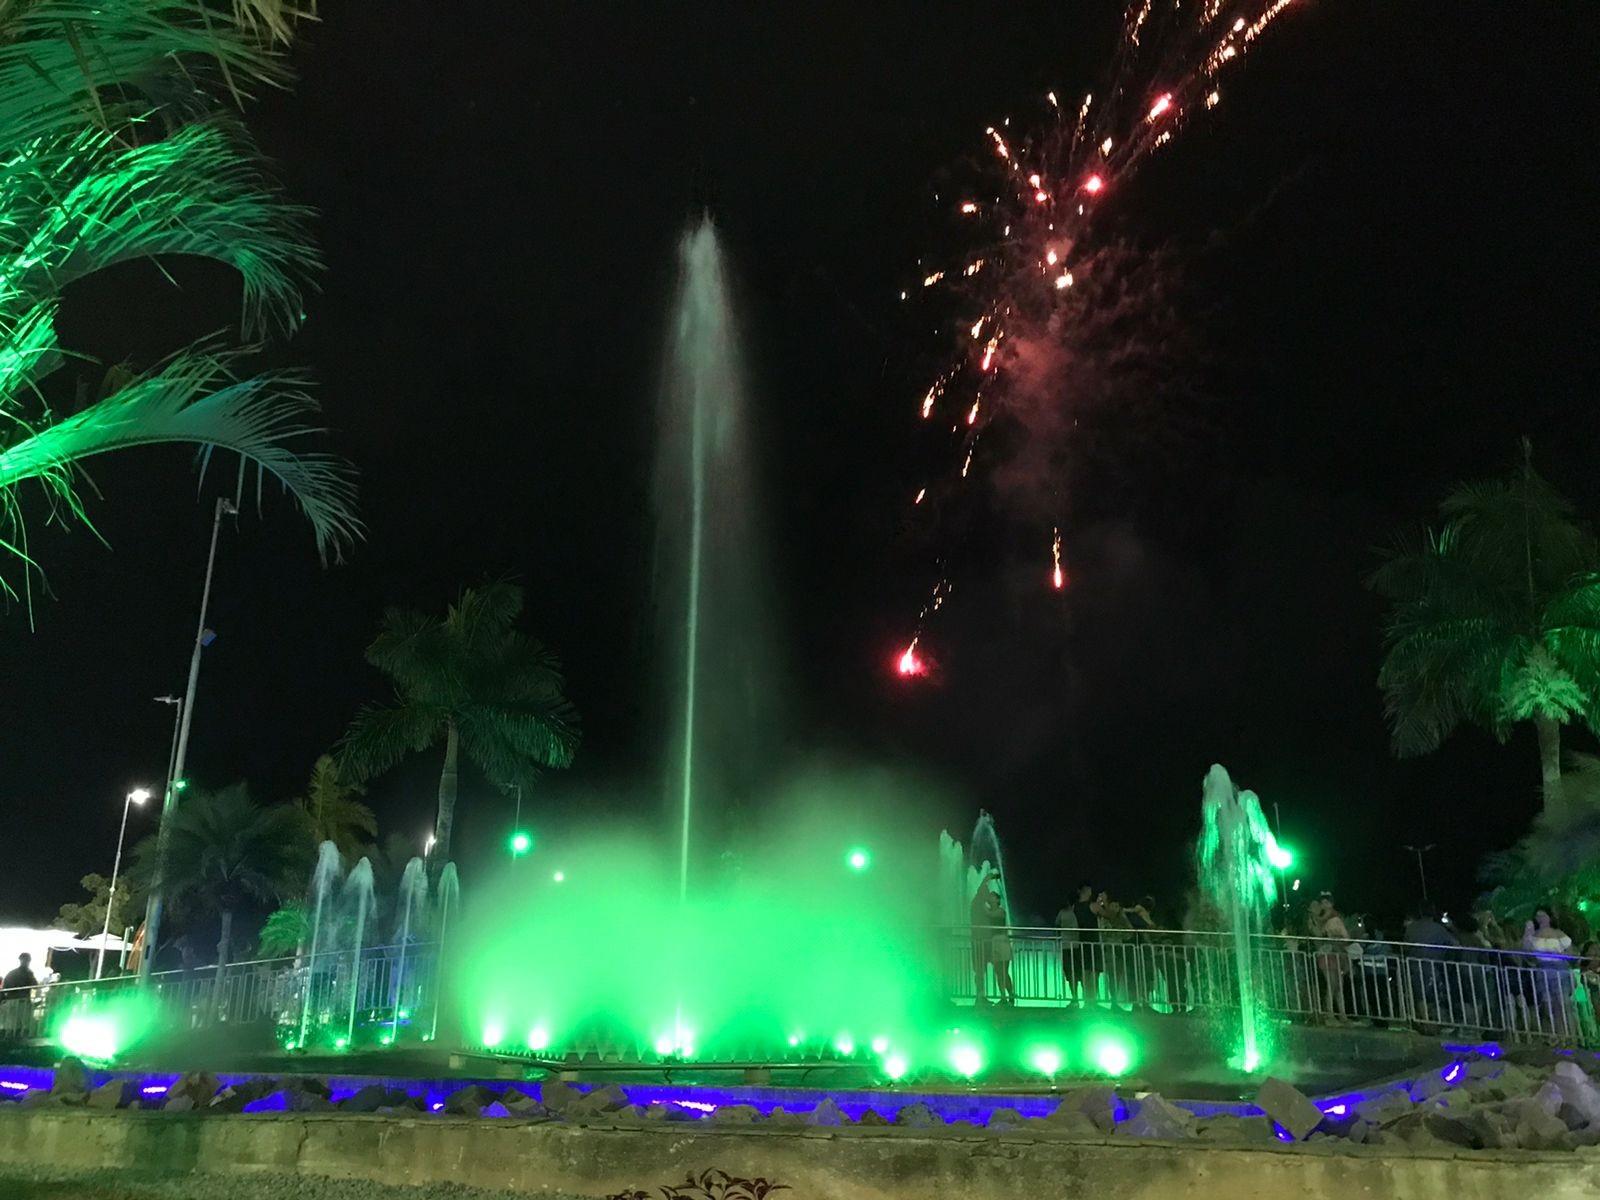 Manaus terá presépio em balsa, show de luzes em chafariz e ônibus decorados para as festas de fim de ano